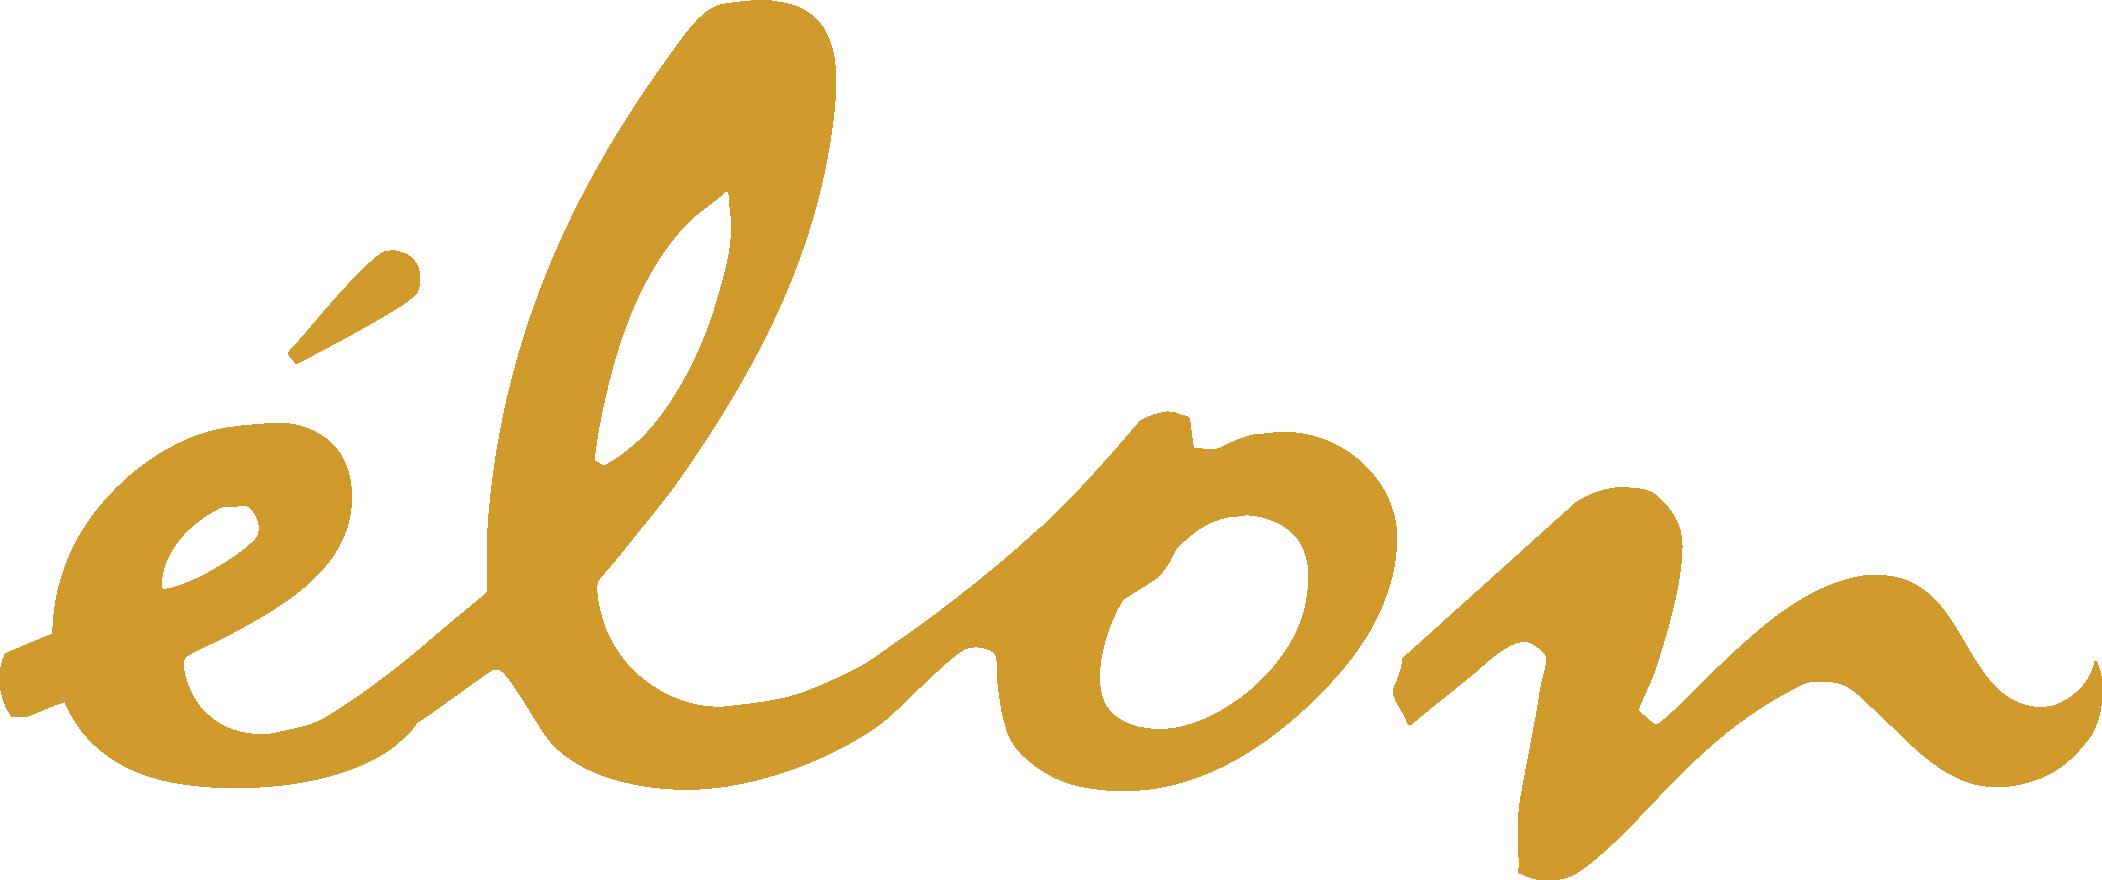 Coupon clipart hair salon. Elon site color specialists